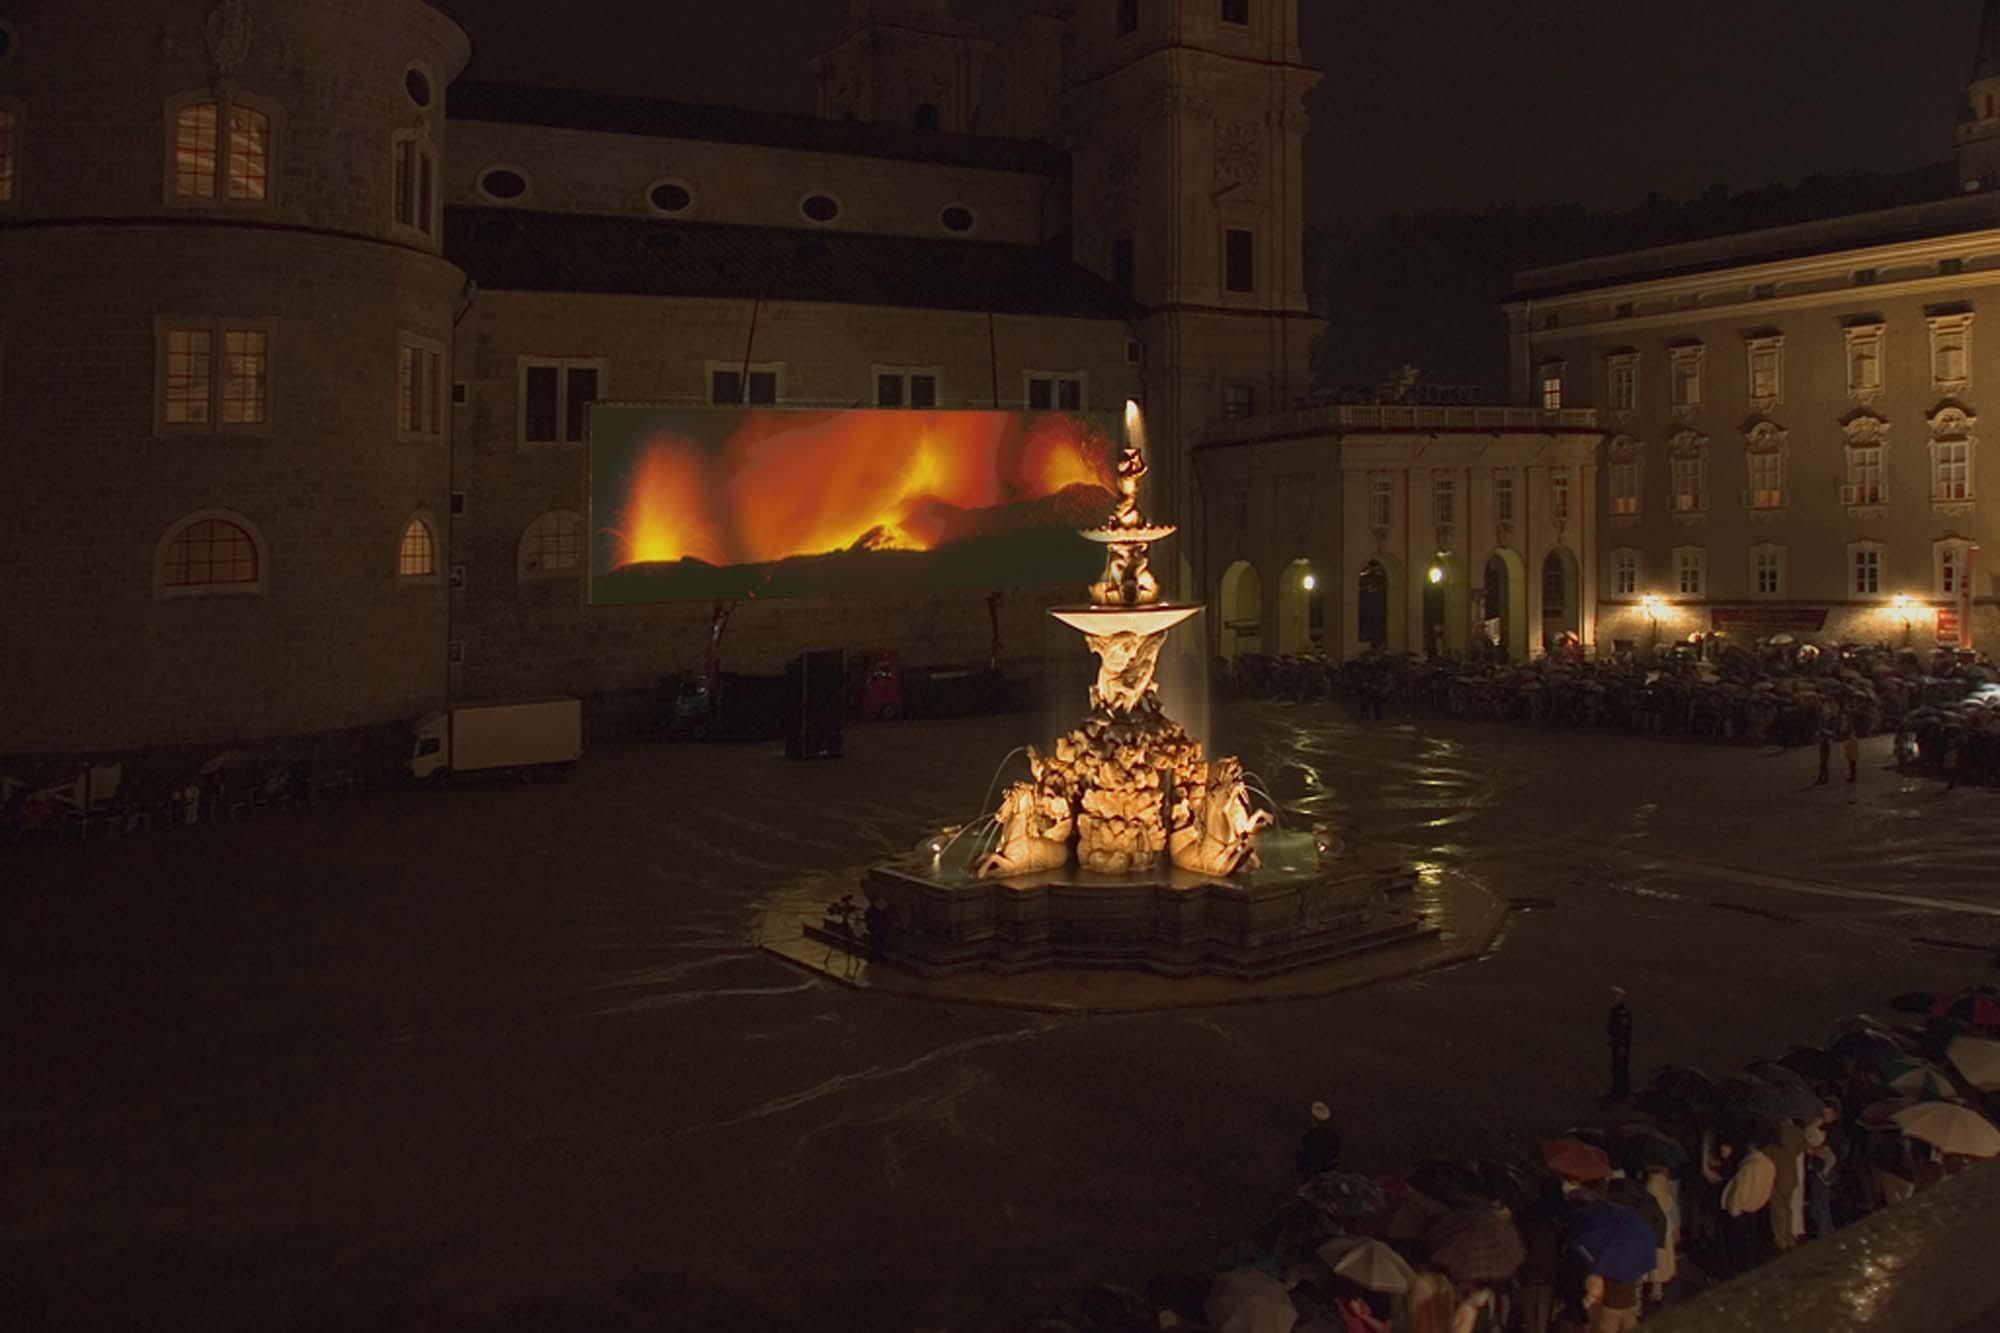 Projektionsflächen in Salzburg bei Tag und Nacht